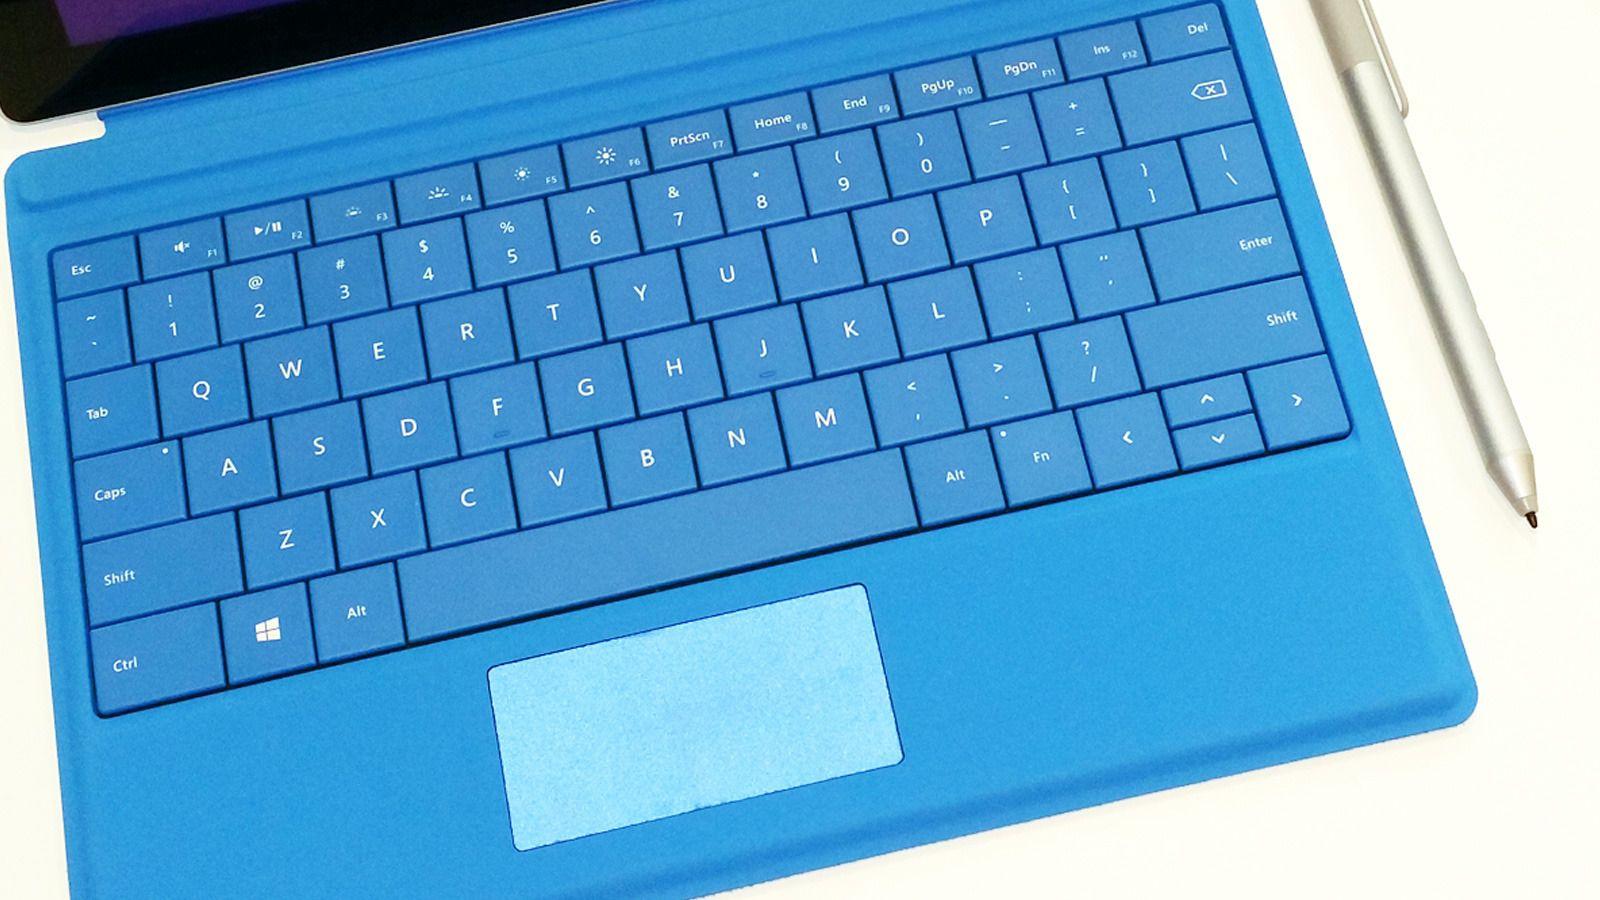 Tastaturet har fått større styreplate, lik den som er på Pro-versjonen. Pennen er den samme, og kommer nå i flere farger. På samme måte som på Pro 3, kan du starte One Note med ett trykk bak på pennen. Tastaturet er ekstrautstyr.Foto: Espen Irwing Swang, Tek.no